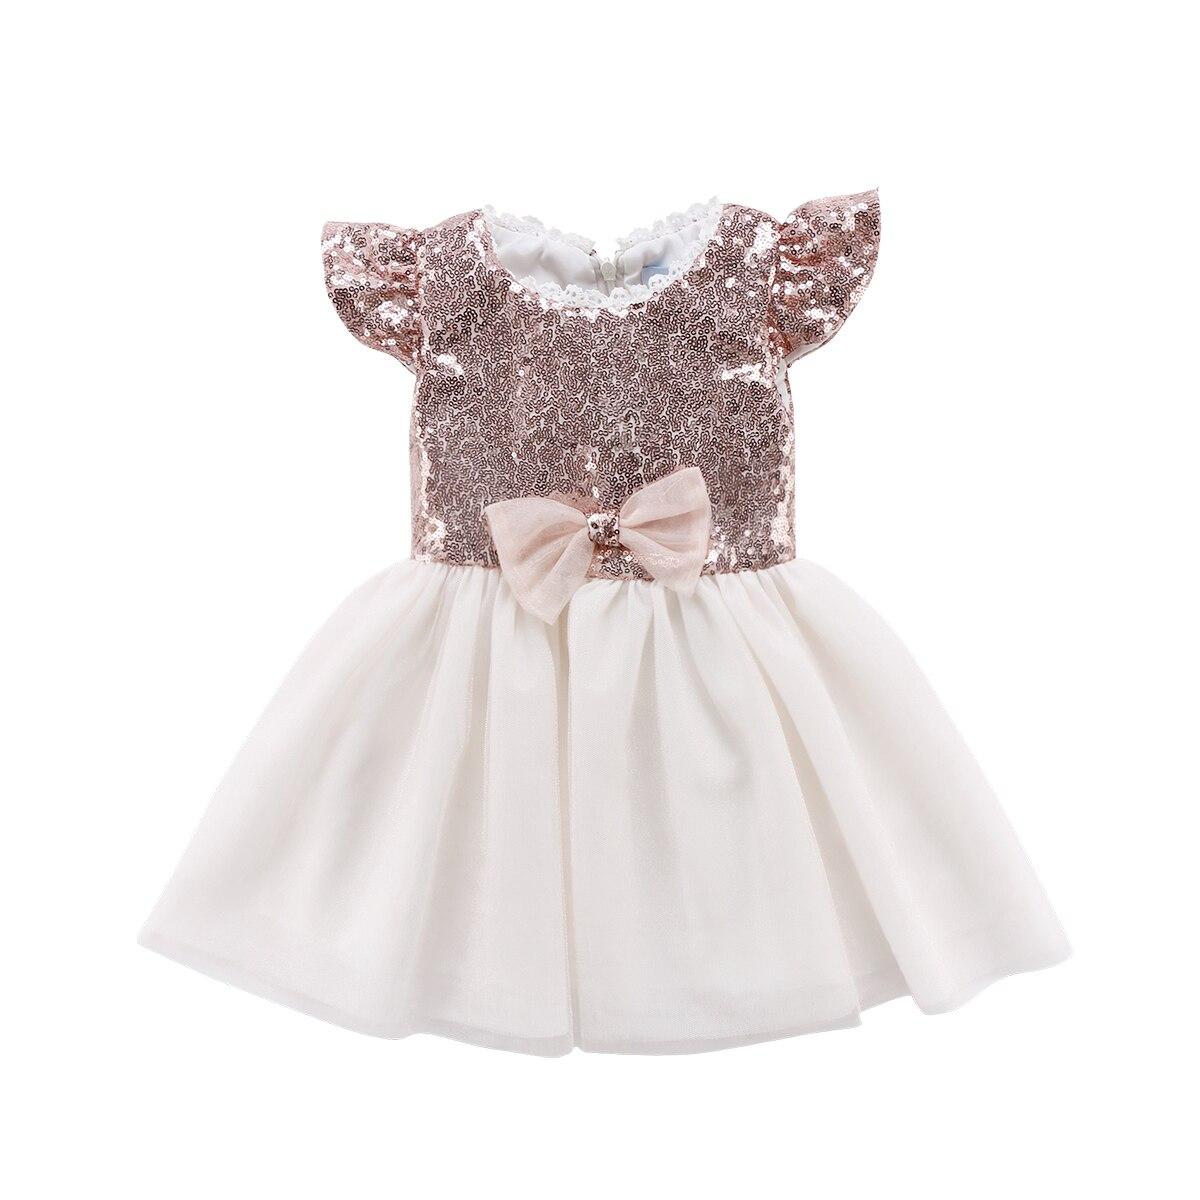 Новое поступление для малышей Детская одежда для девочек праздничное платье принцессы Тюль Мода Театрализованное Туту платья с блестками ...